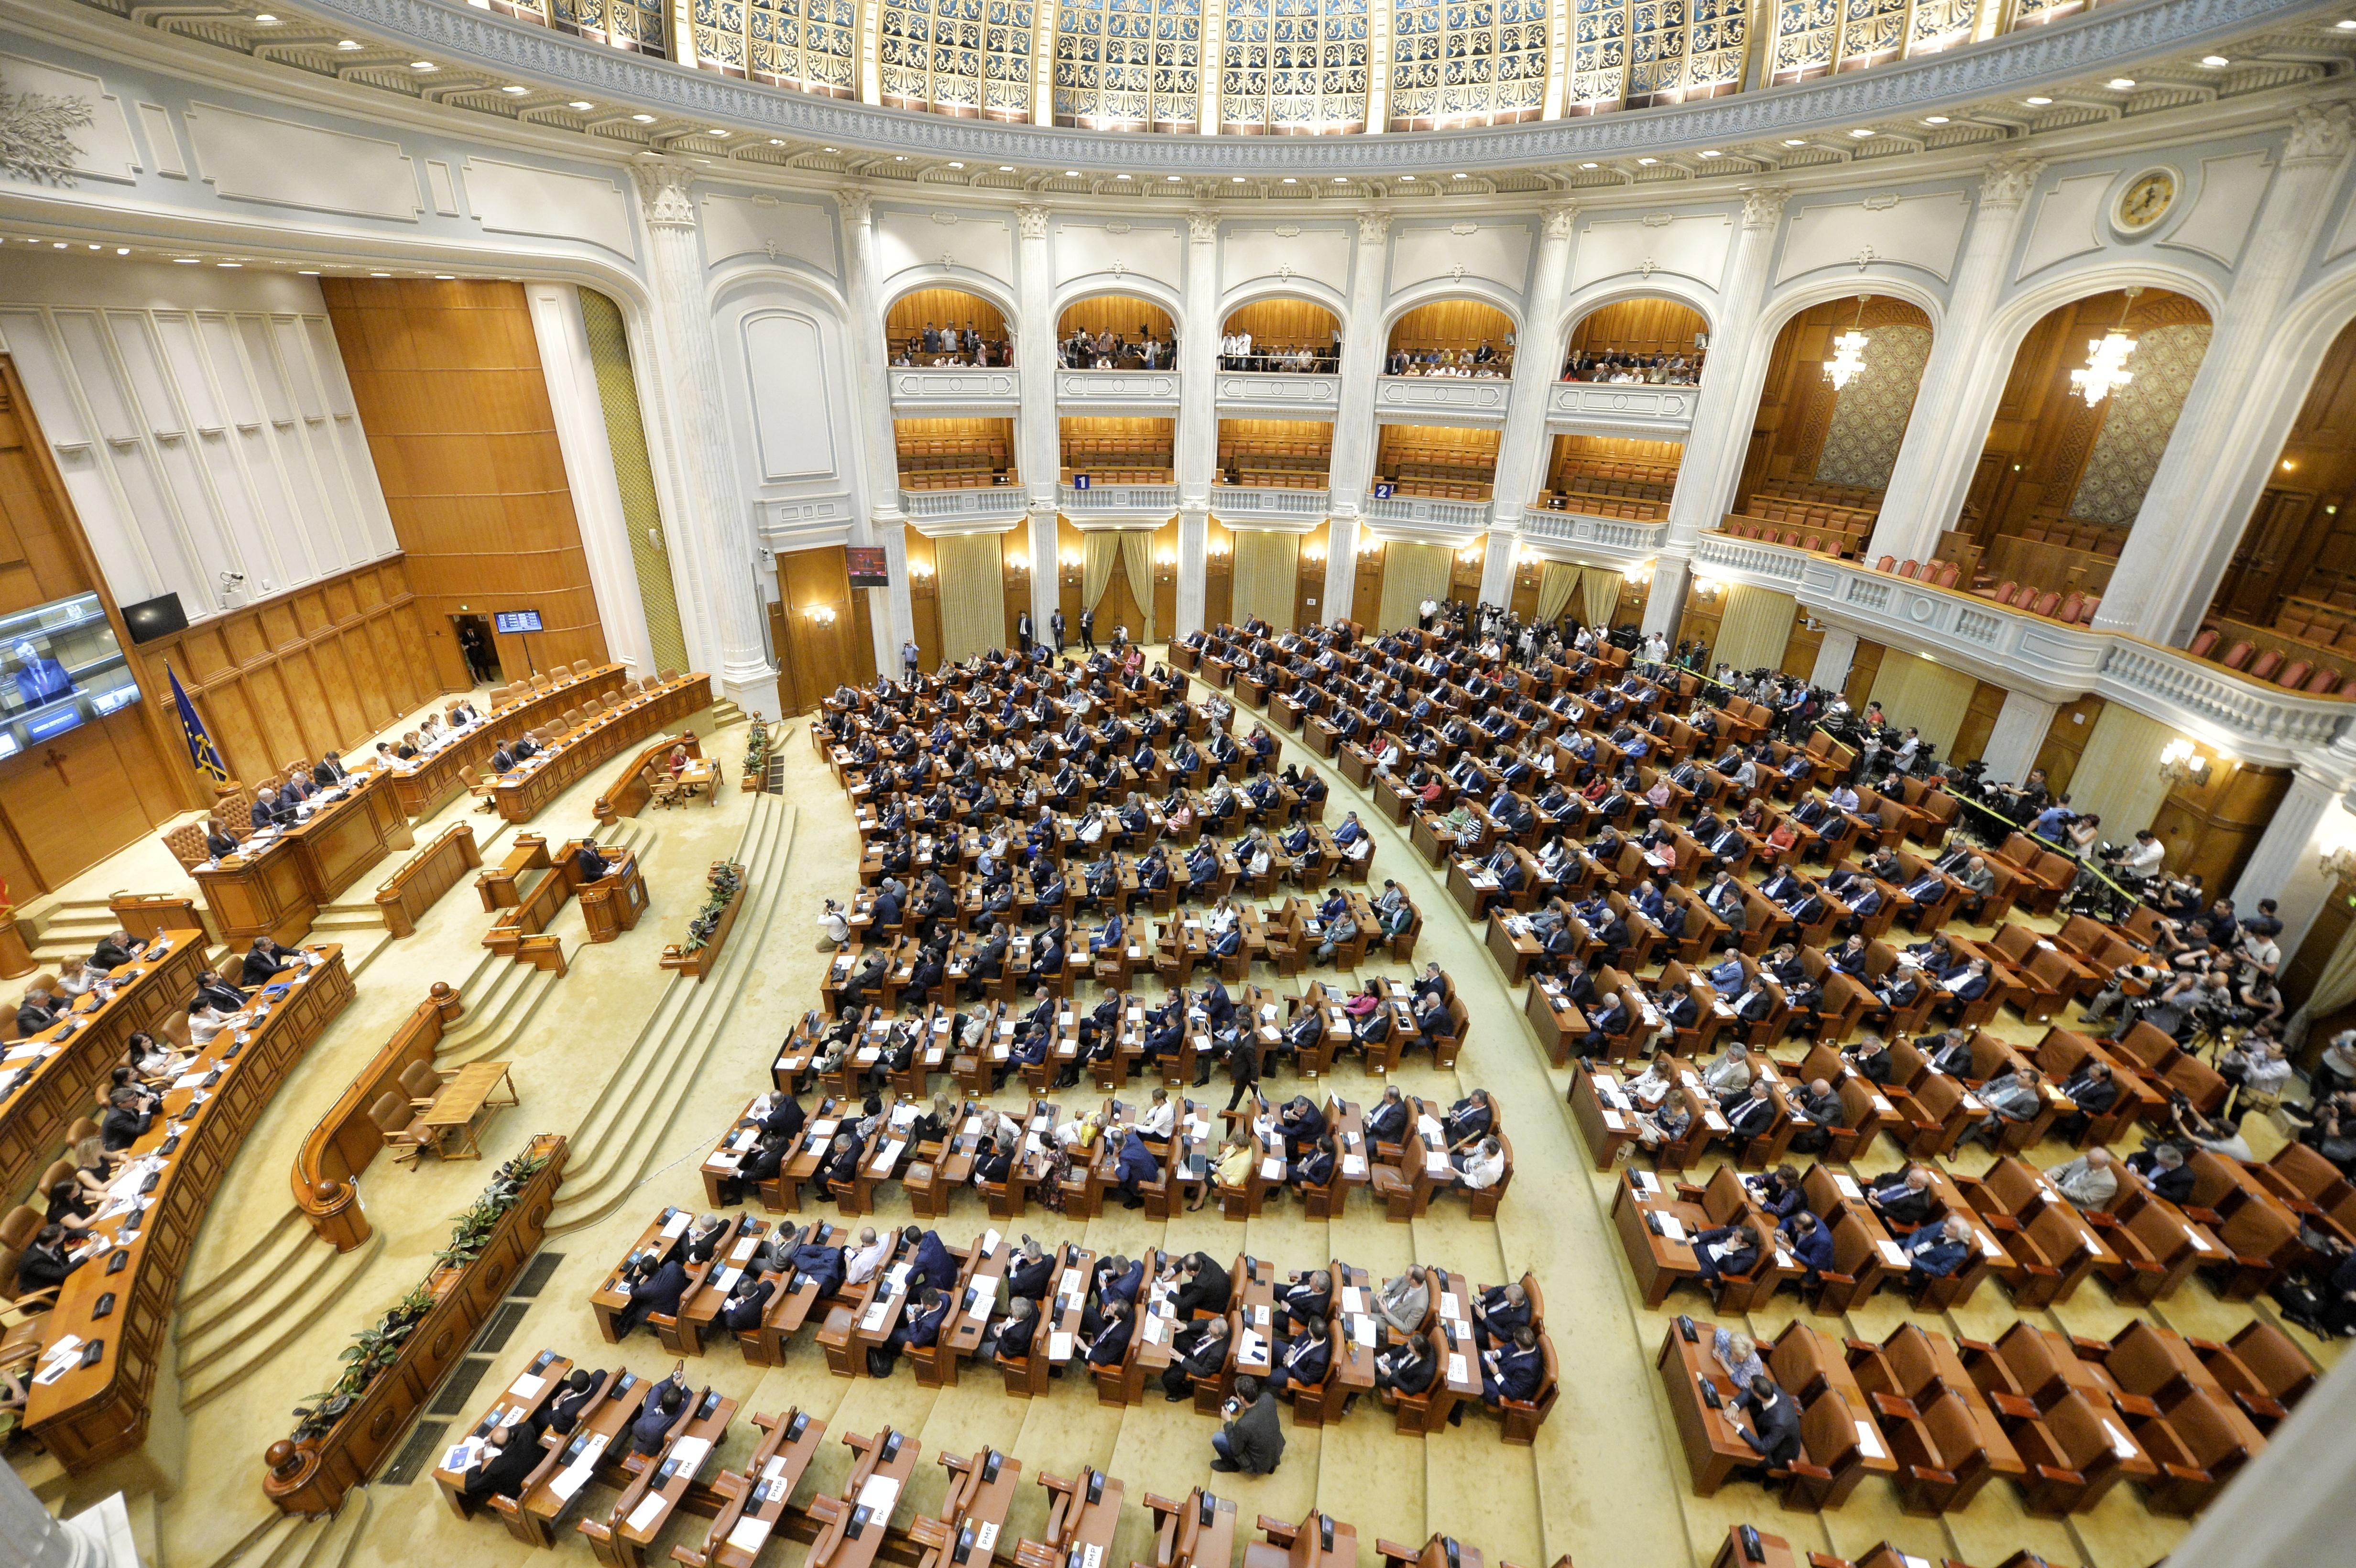 Proiectul de buget pe anul 2018 a fost adoptat, fiind construit pe o creştere economică de 5,5%/ Tudose: Împreună cu Parlamentul vom aplica bugetul, iar rezultatele nu vor întârzia să apară